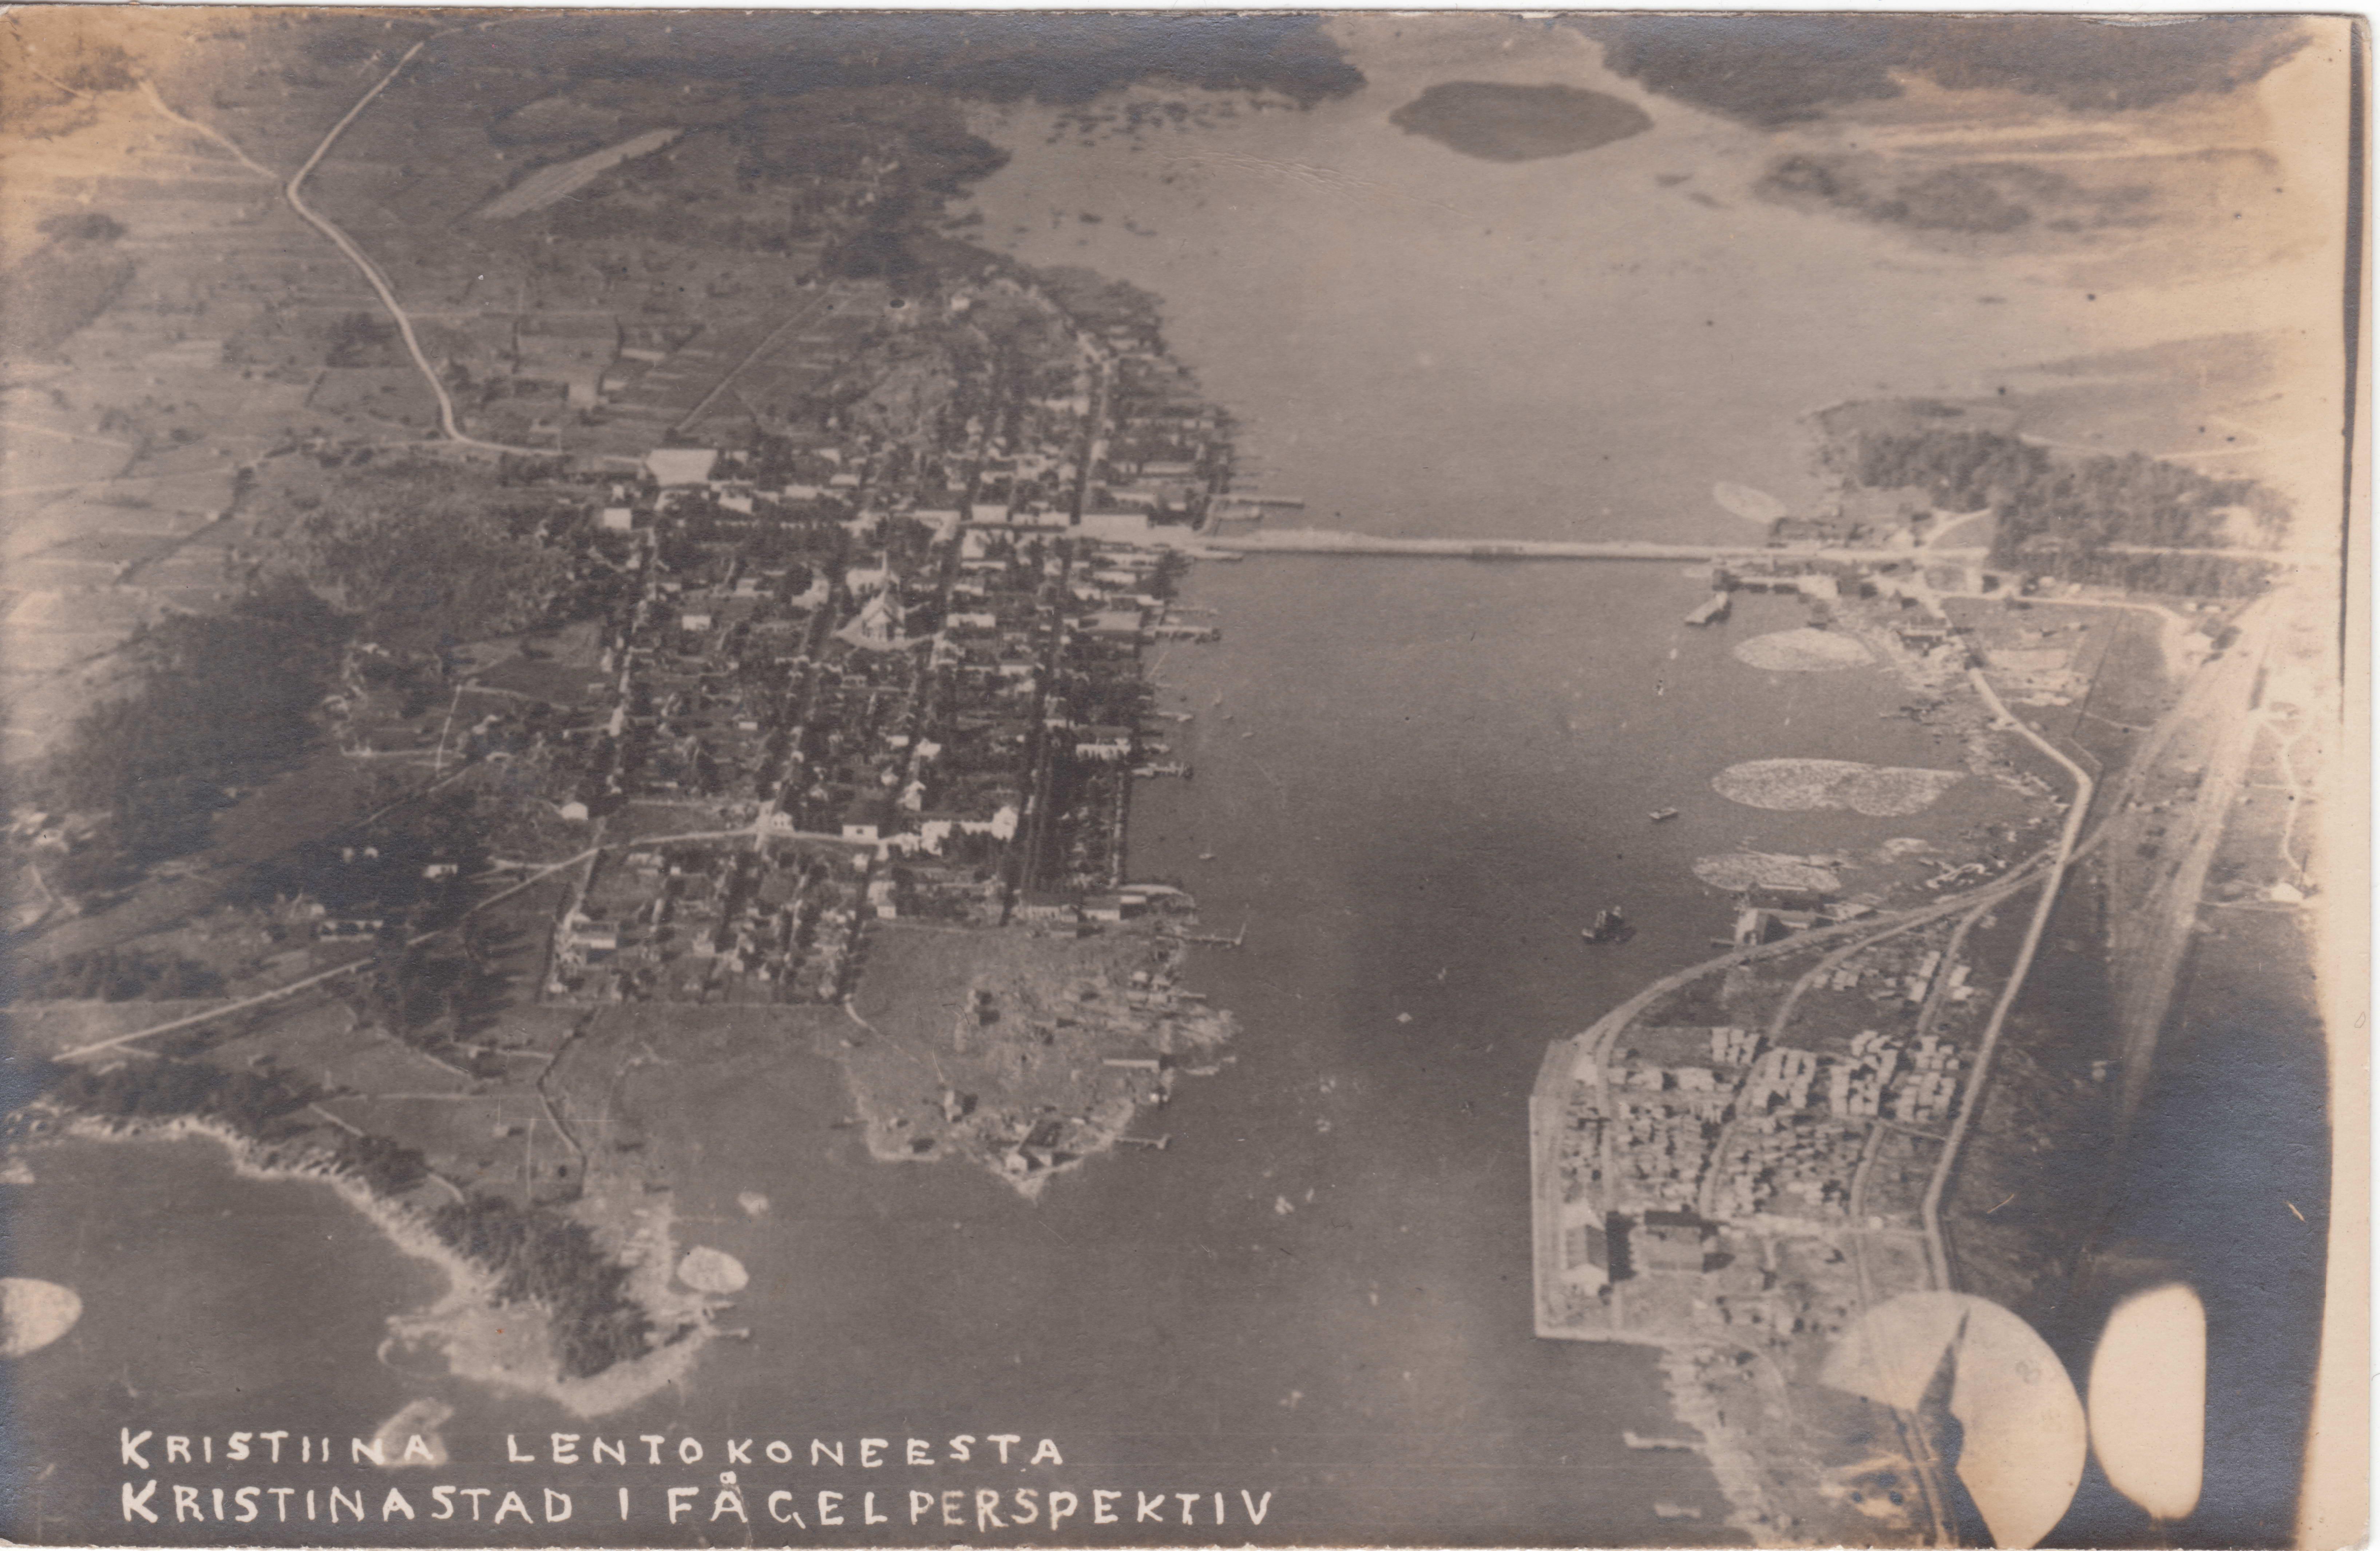 Bland annat detta foto över Kristinestad tog Könni, då det första flygplanet i historien körde längs med kusten. Fotot lånat av Jarkko Ikkelä-Koski.